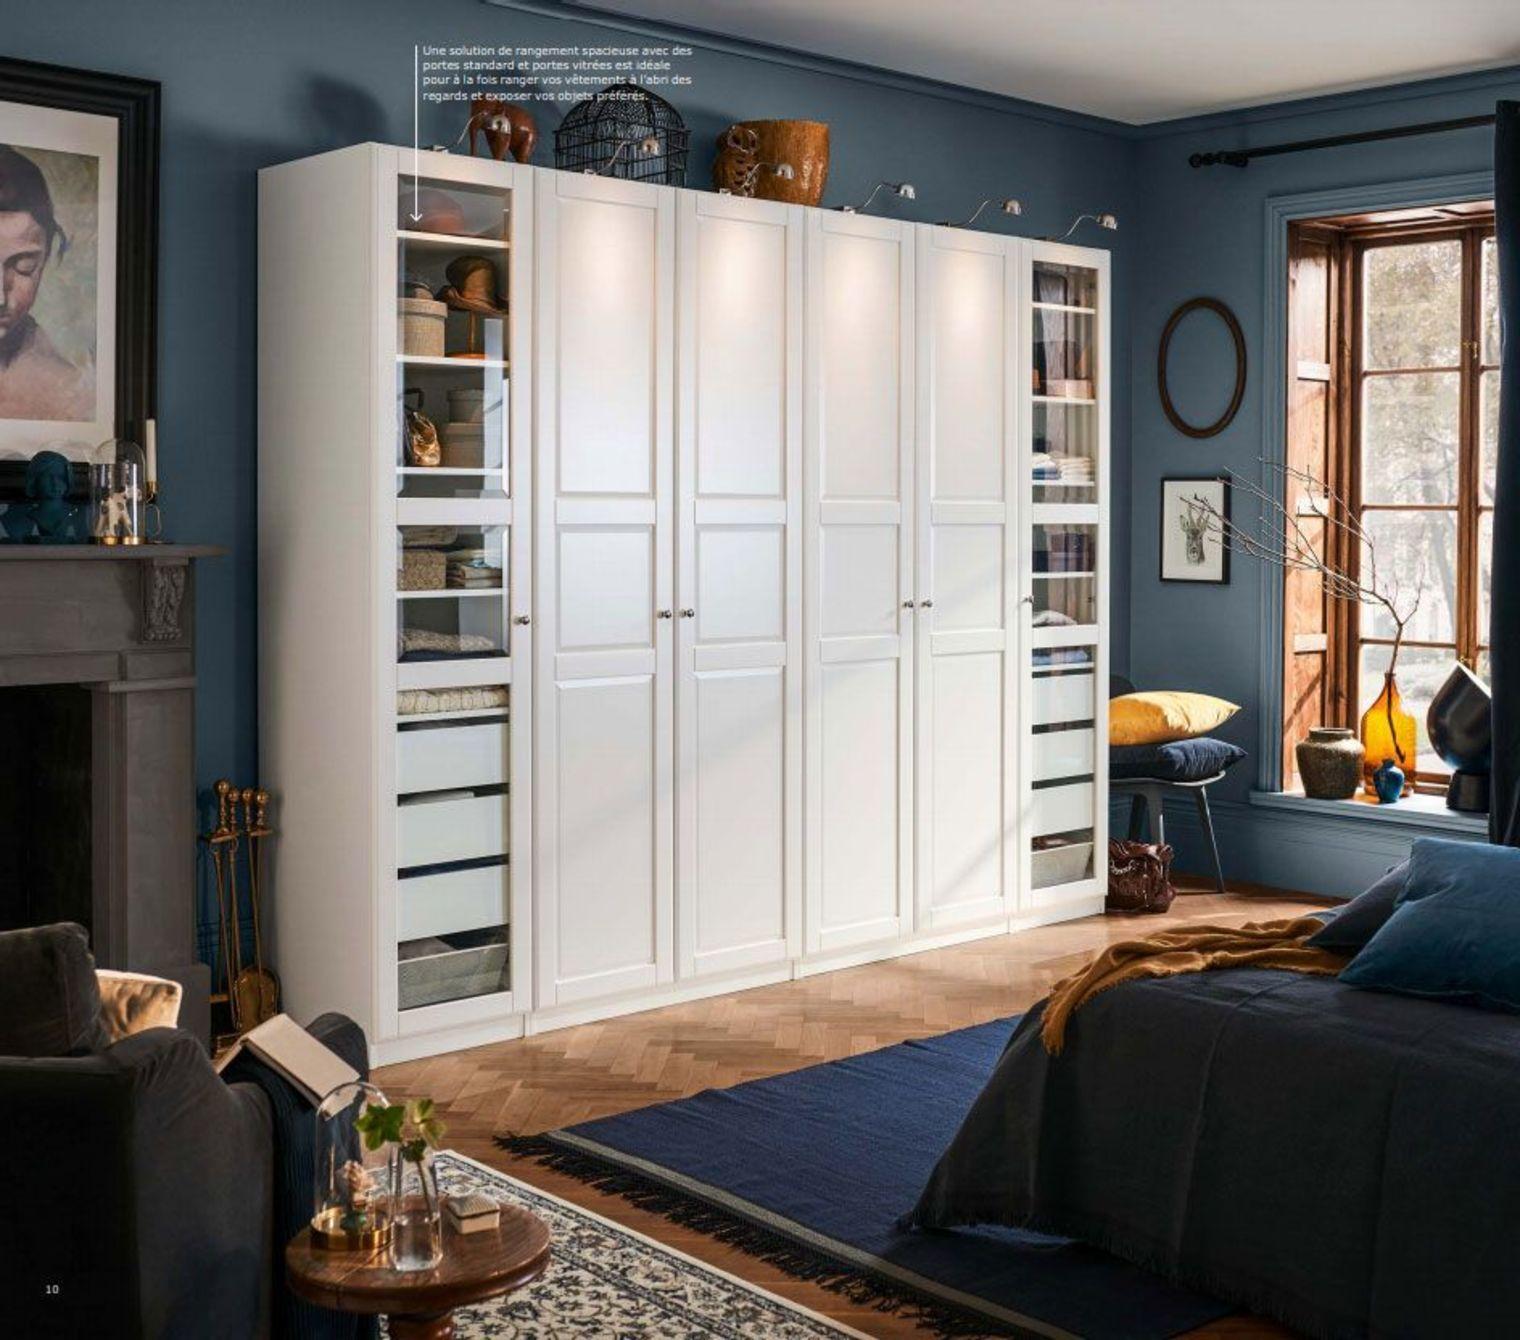 Catalogue Armoires Et Dressings Ikea 2019 Rangements Pratiques En 2020 Armoire Penderie Ikea Deco Interieure Chambre